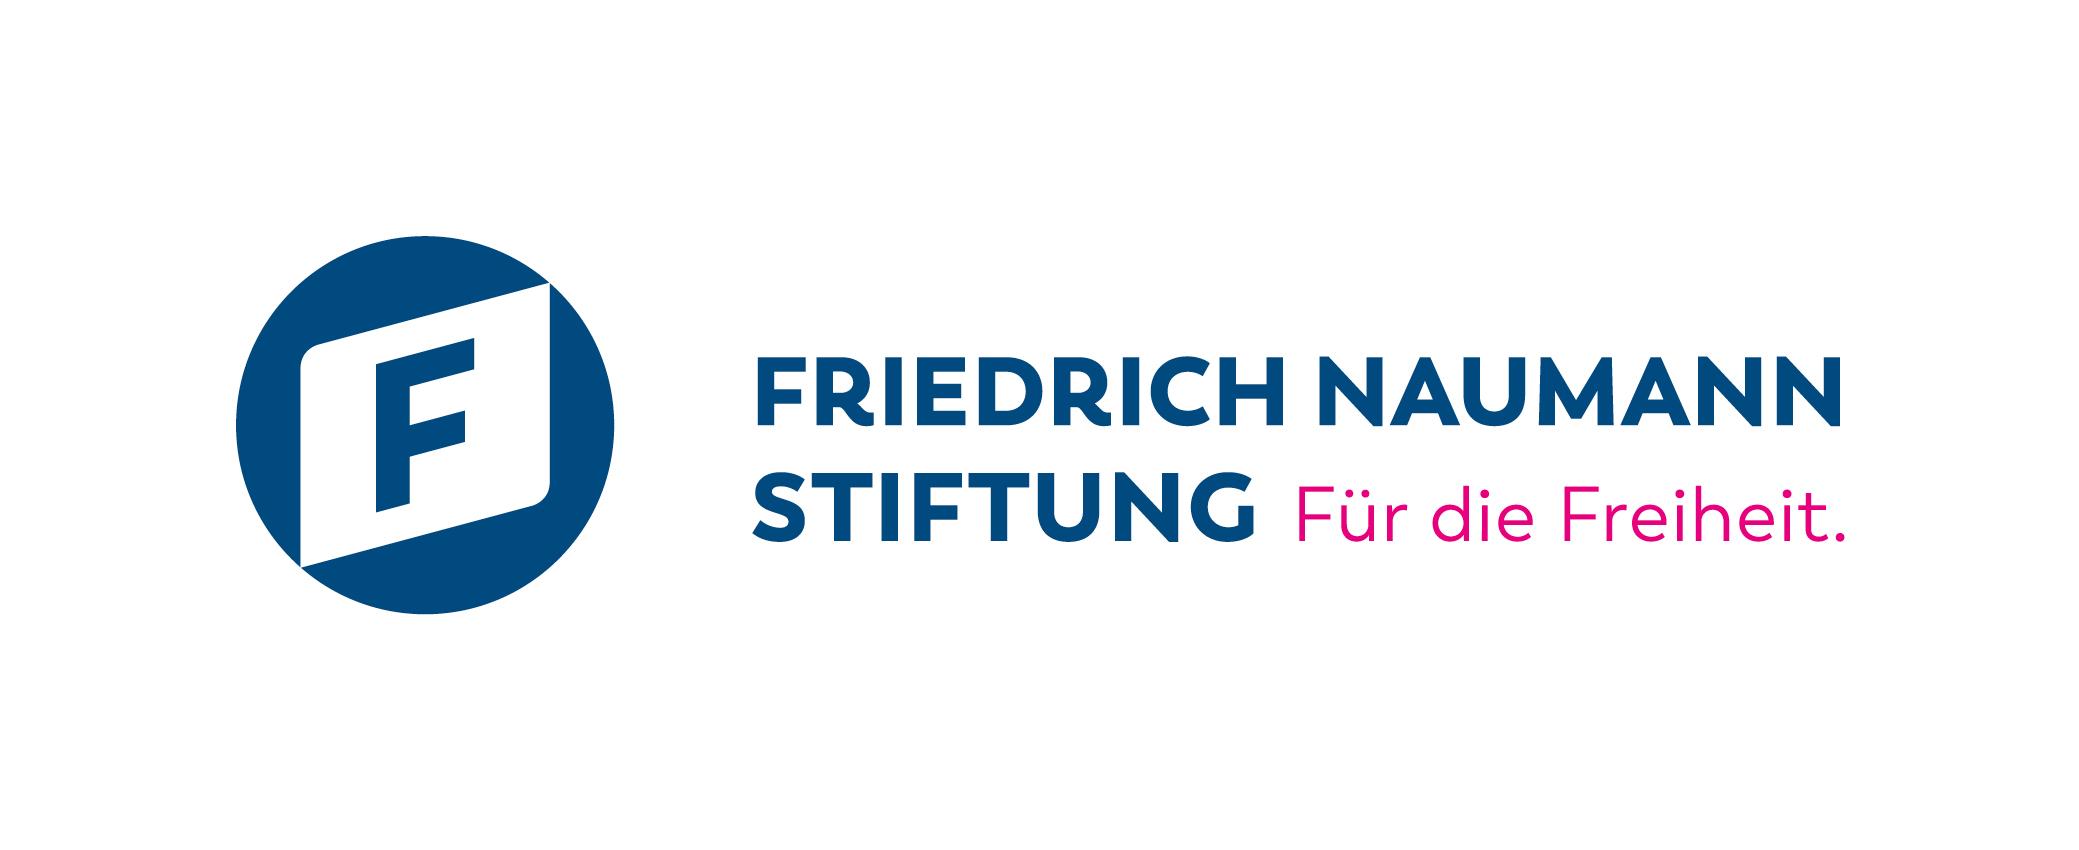 Friedrich Naumann Stiftung für die Freiheit